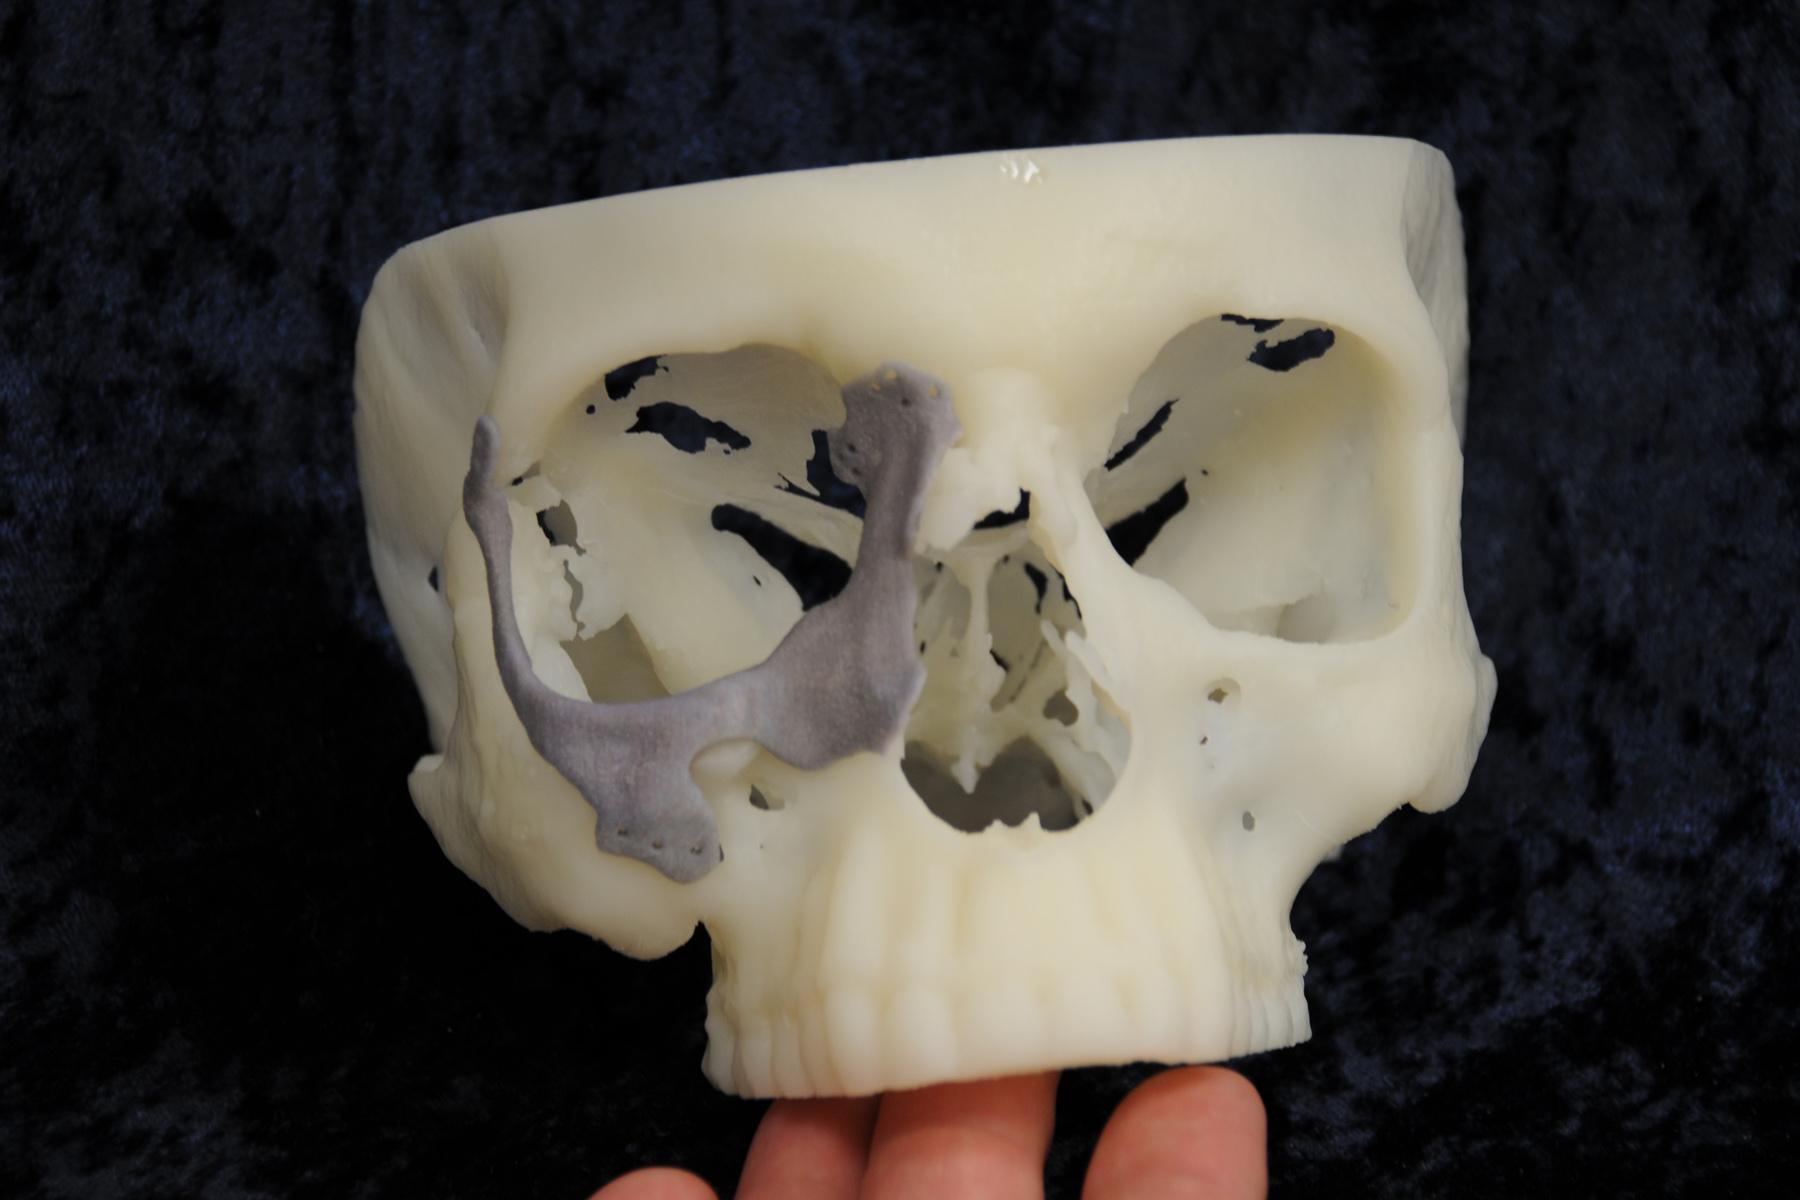 facial implant2